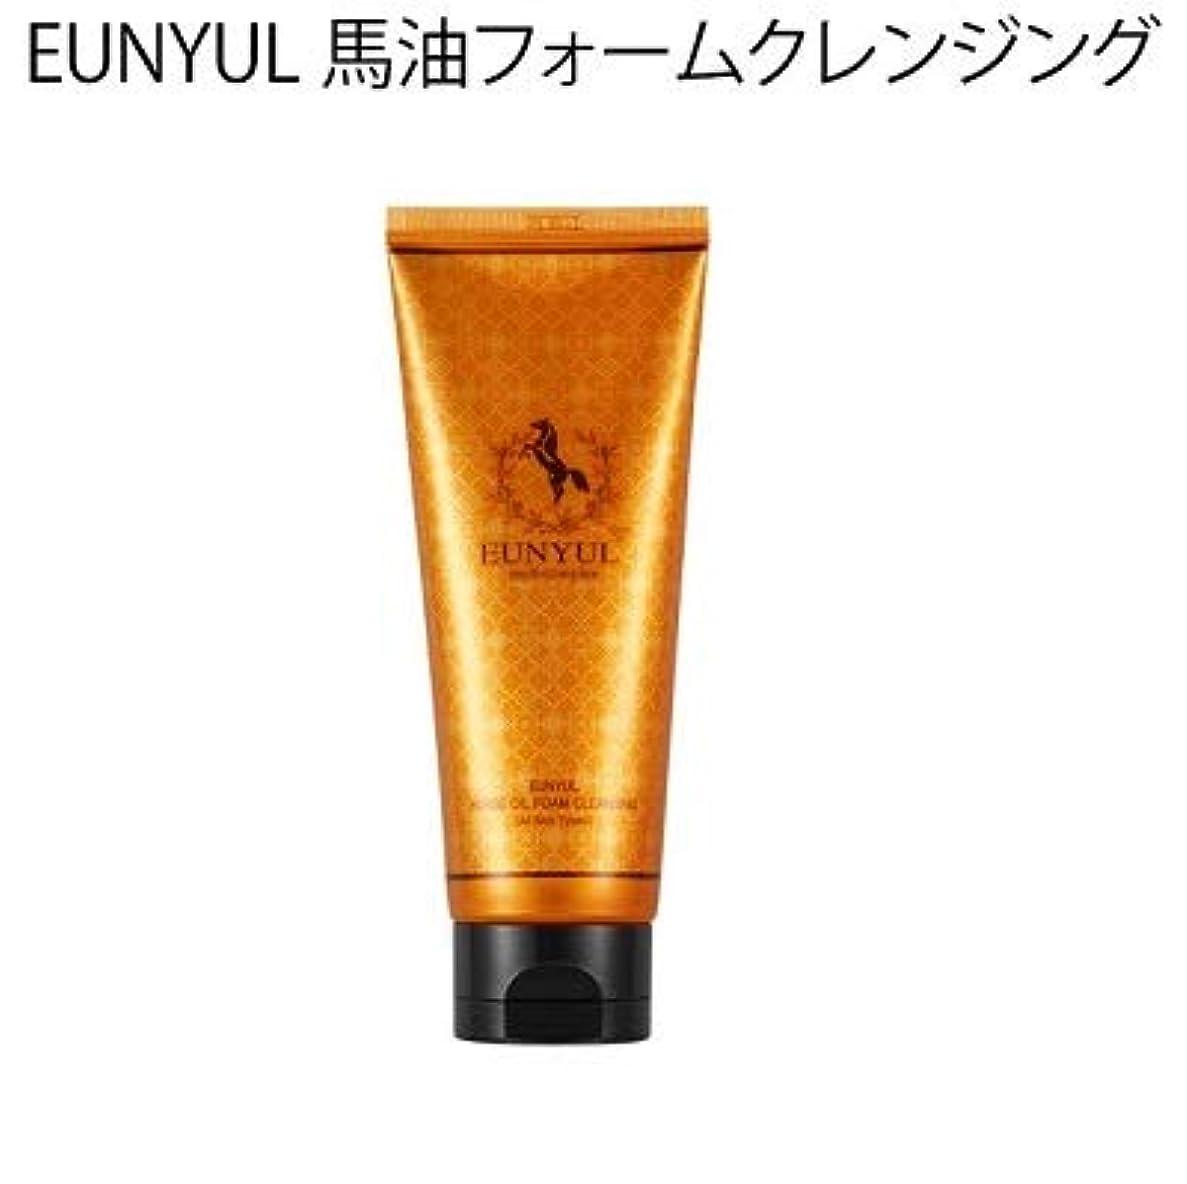 湿地奴隷不安定な韓国 EUNYUL 馬油フォームクレンジング 洗顔フォーム(150ml)